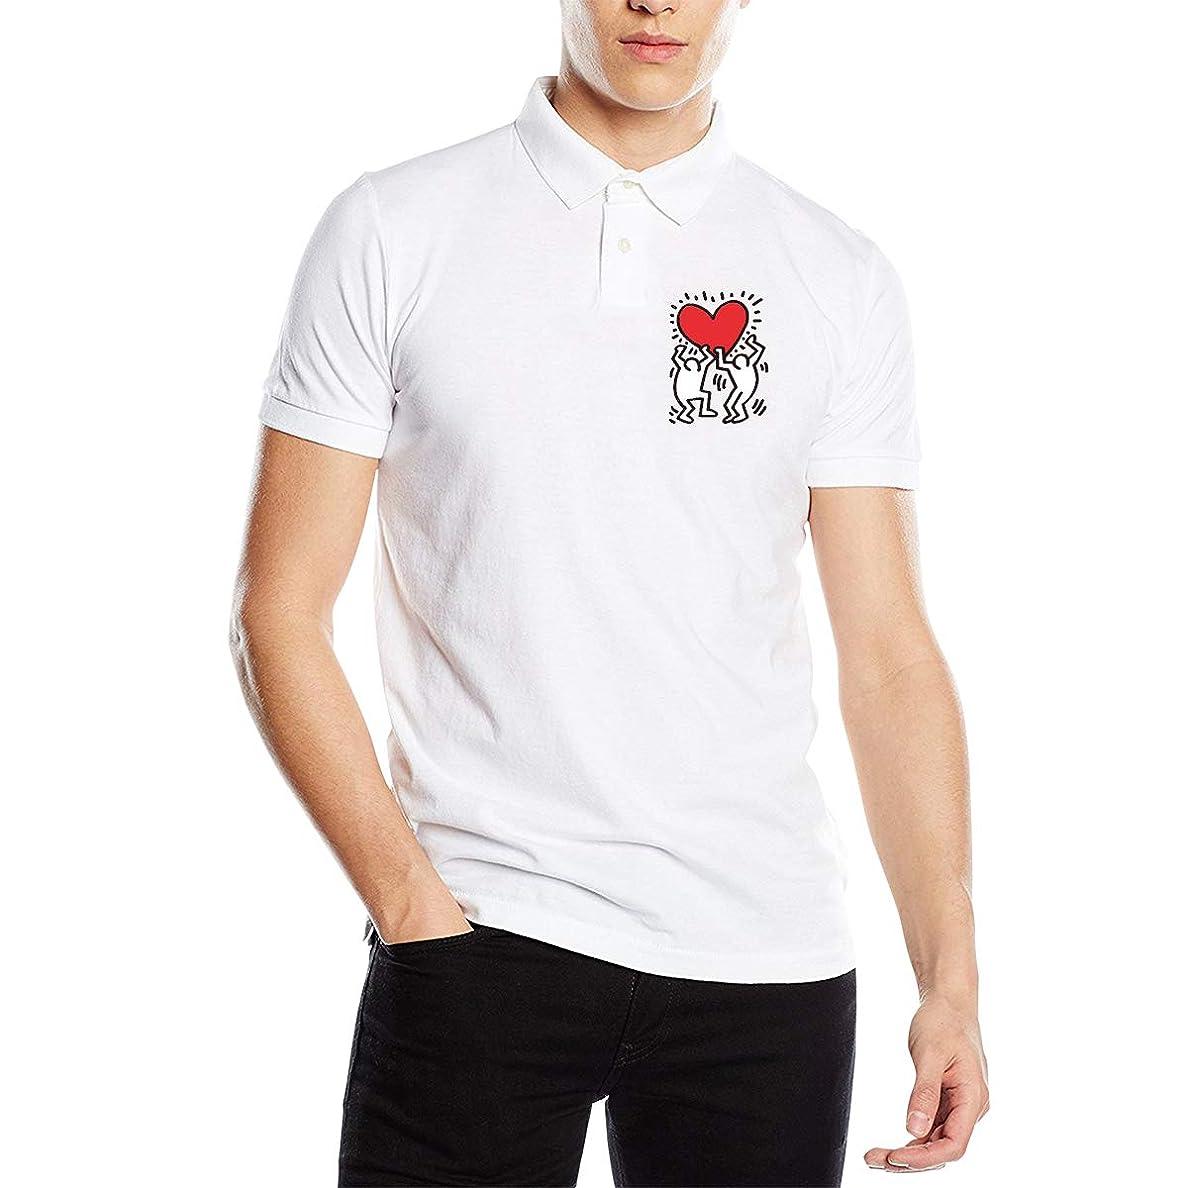 定期的なオーディションホールドポロシャツ 半袖 夏用メンズシャツ キースヘリング ボタンダウンポロシャツ スポーツウェア Tシャツ ティーシャツ シンプル カジュアル 通気性 吸汗性 快適 無地 薄手 テニス ゴルフ